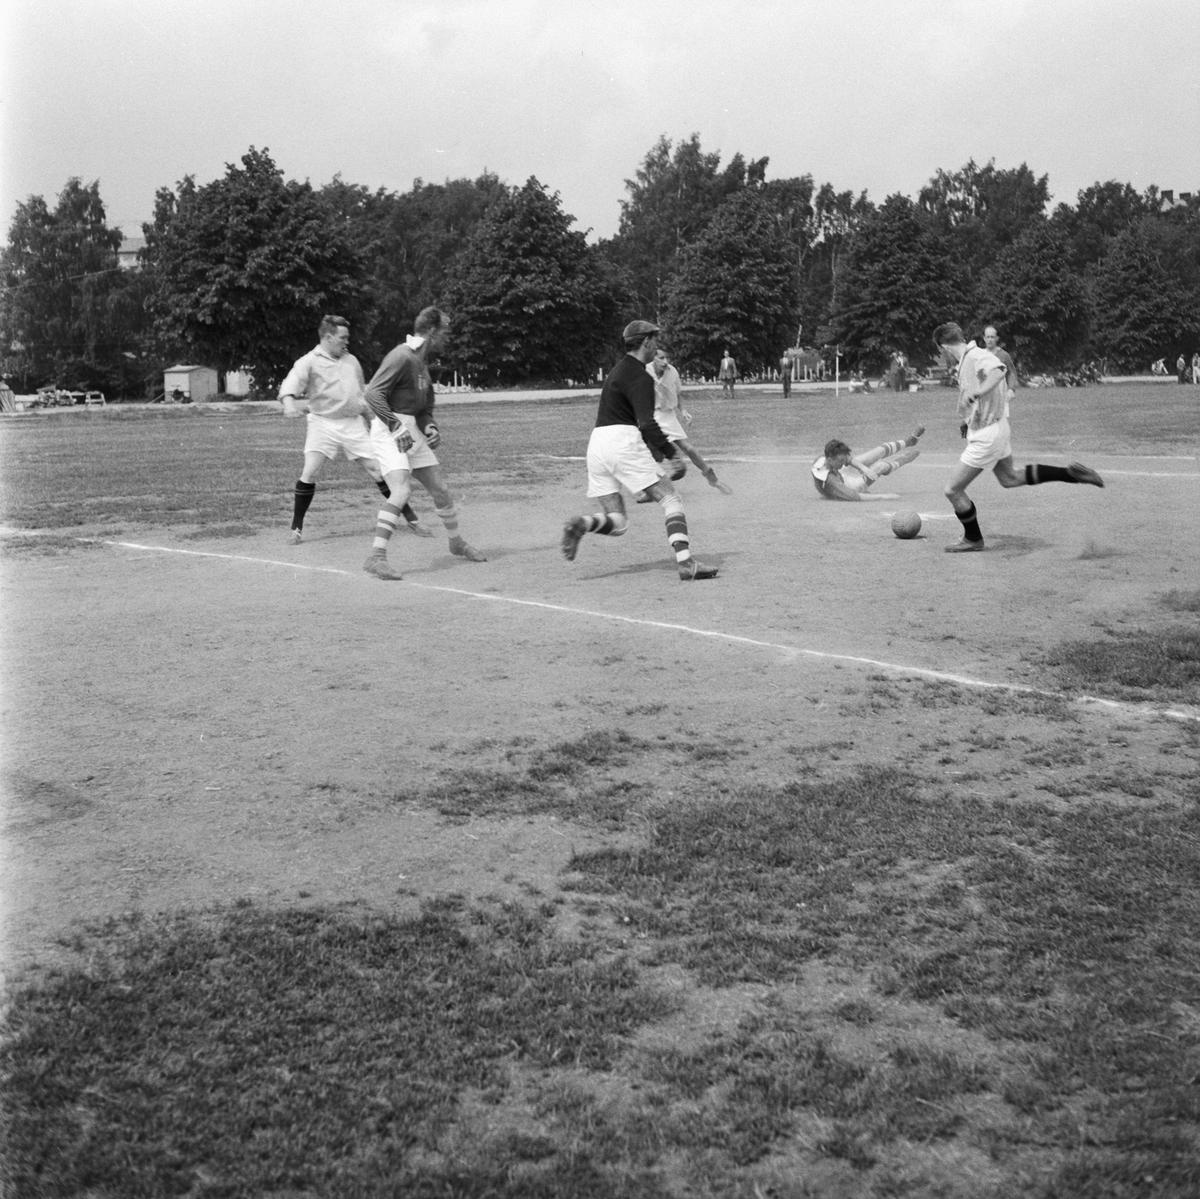 Övrigt: Foto datum: 30/6 1960 Byggnader och kranar Fotbollsmatch MVK-MVG